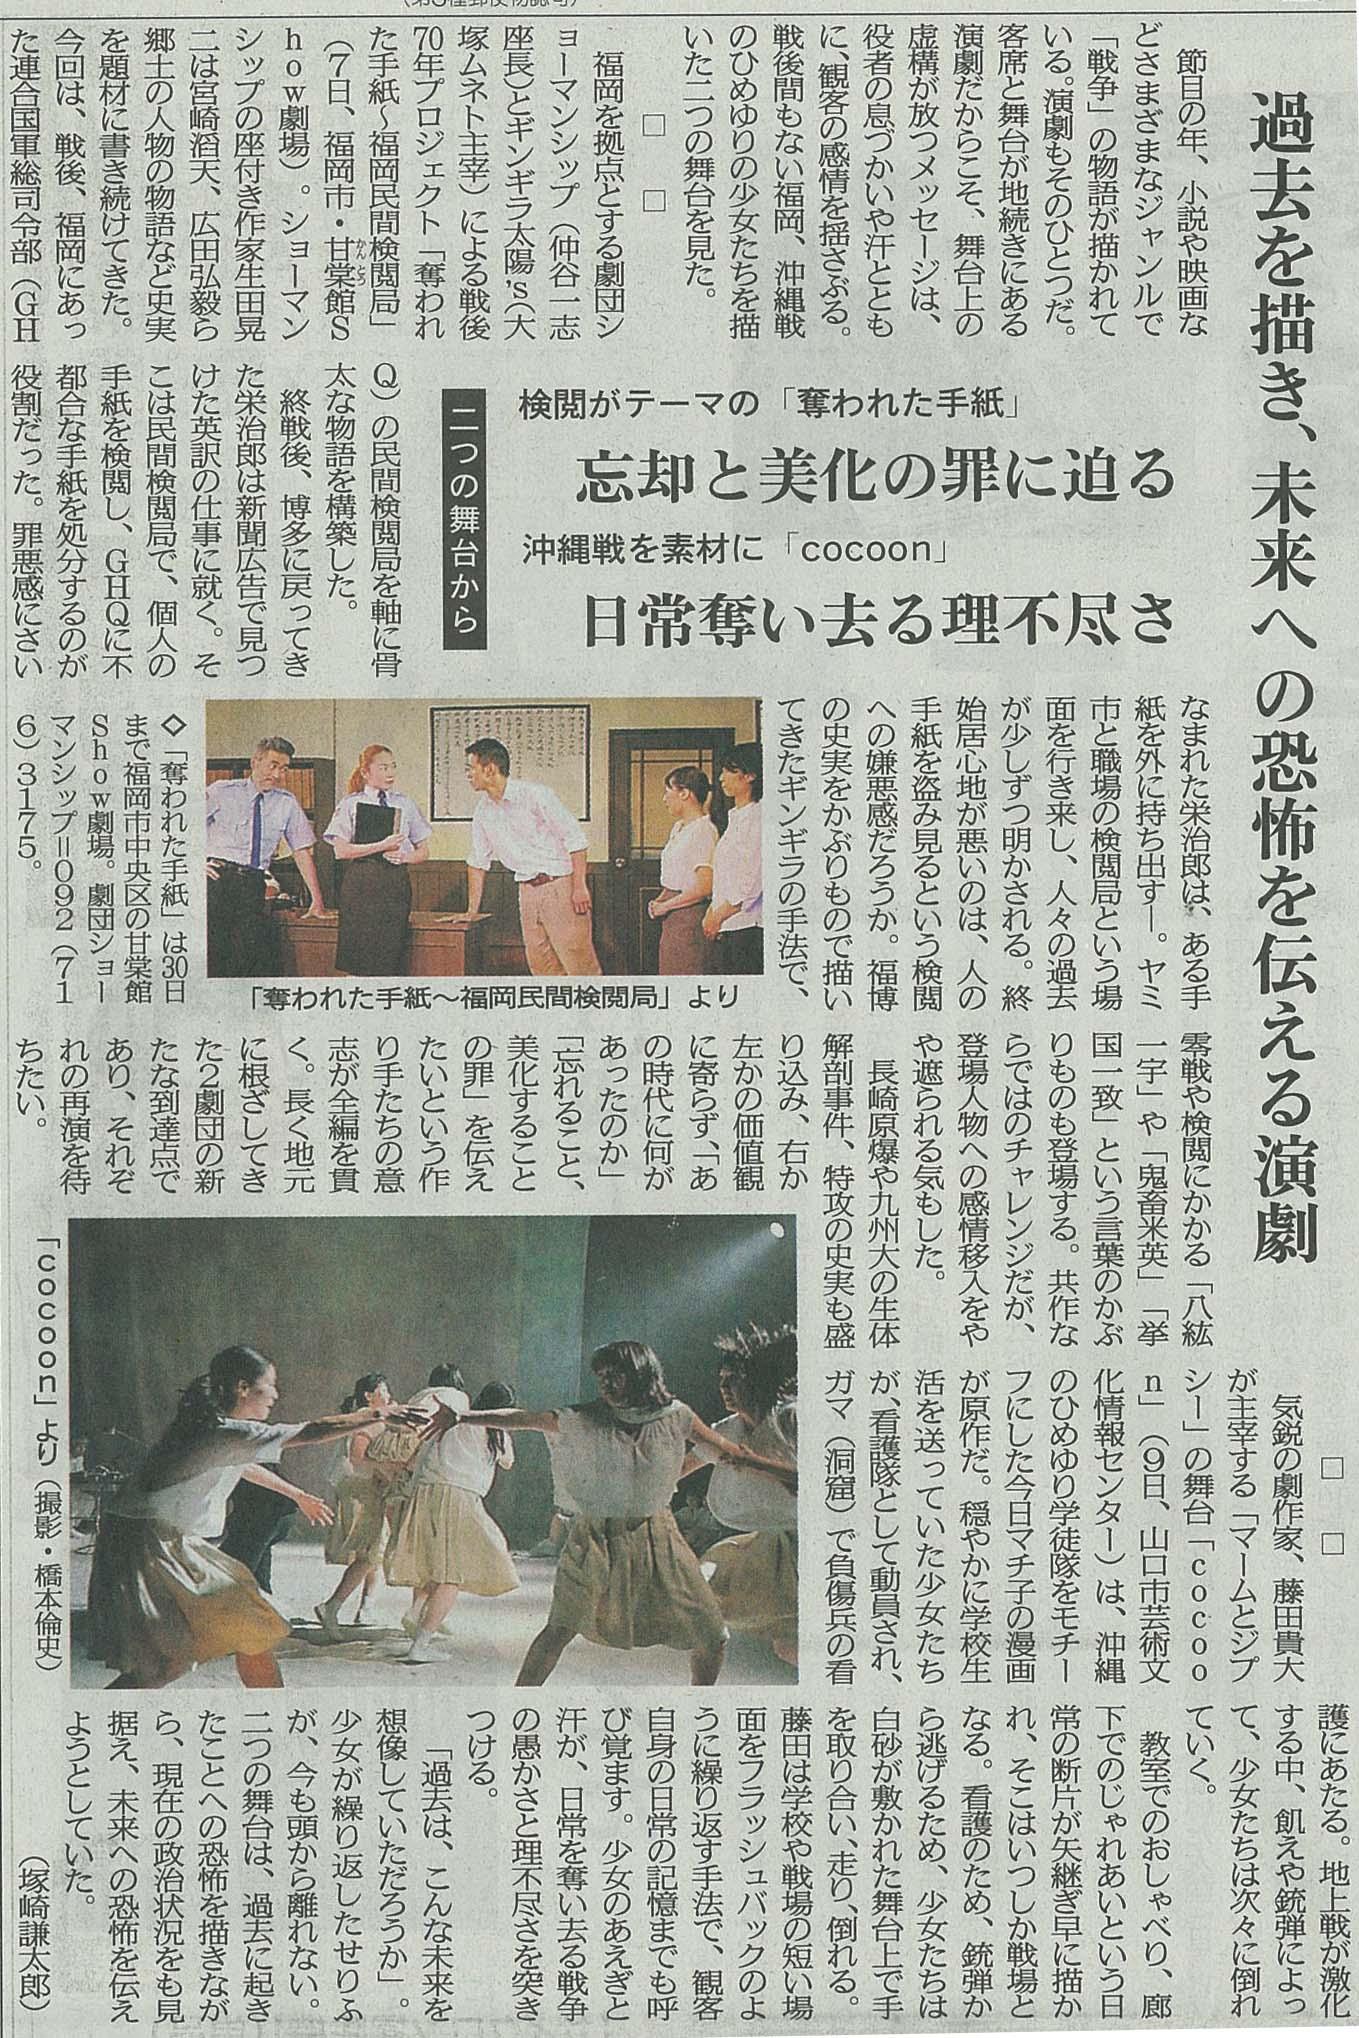 2015年 8月13日(木)付 西日本新聞